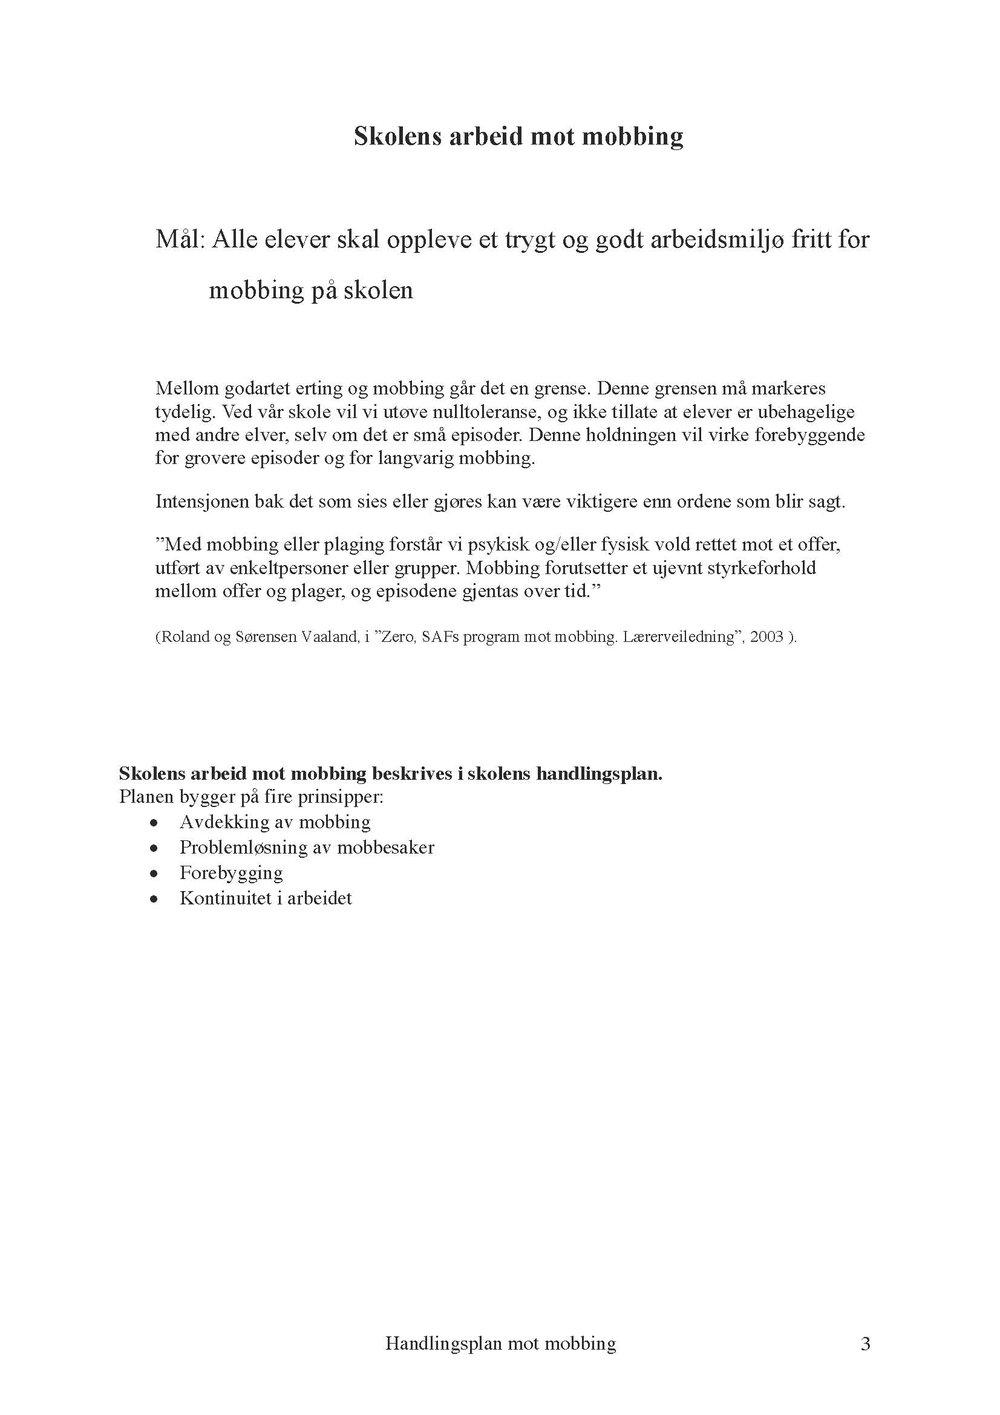 Handlingsplan mot mobbing _Page_03.jpg